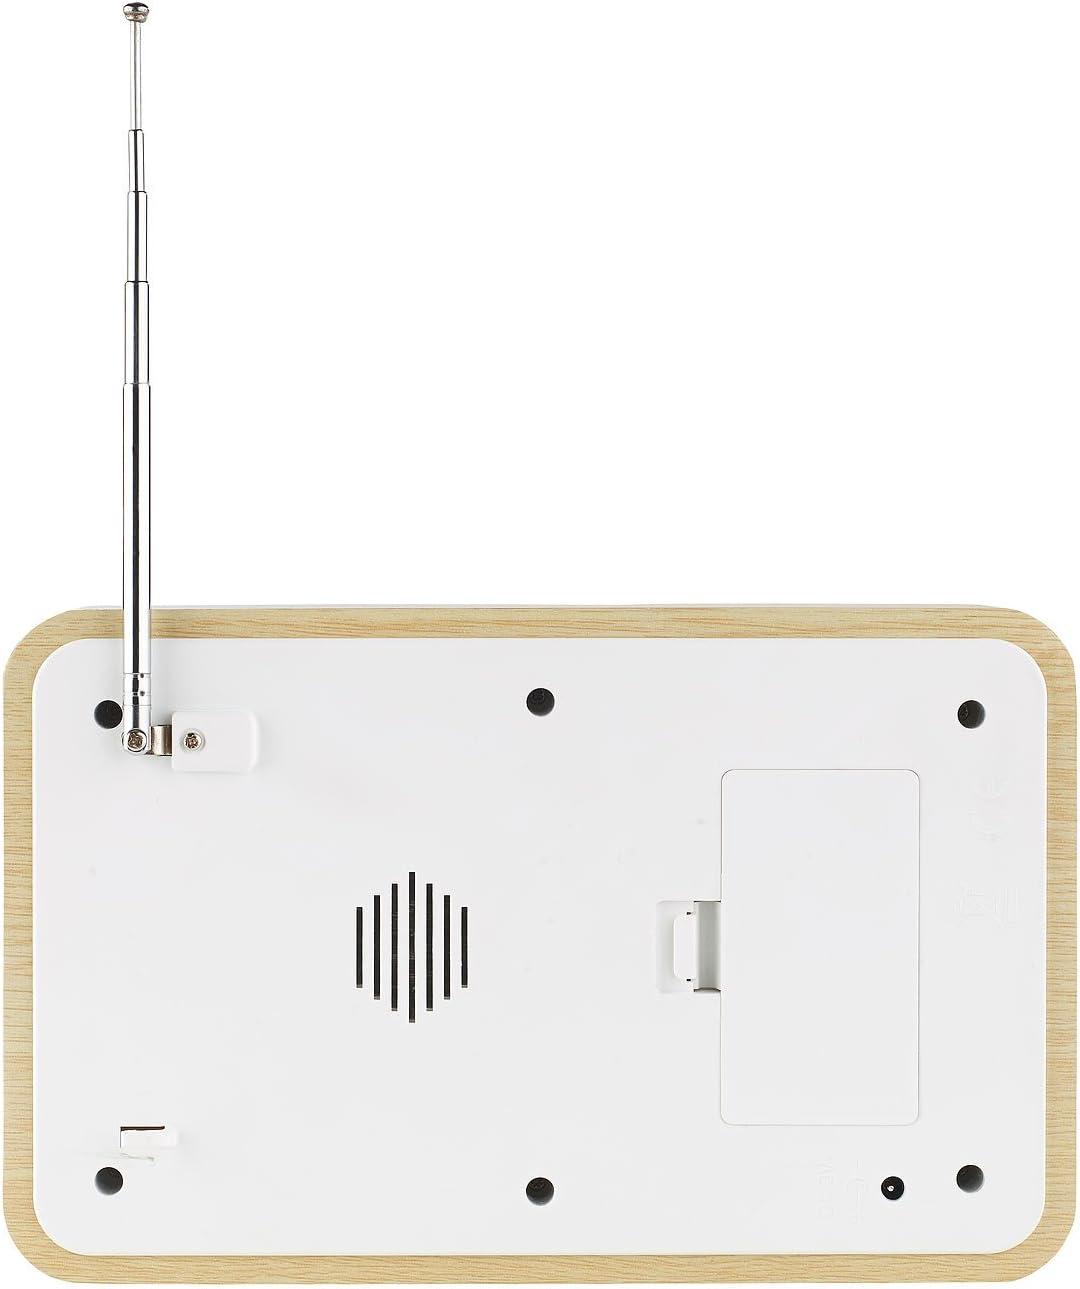 Beige Radio-r/éveil design avec choix des fr/équences digital